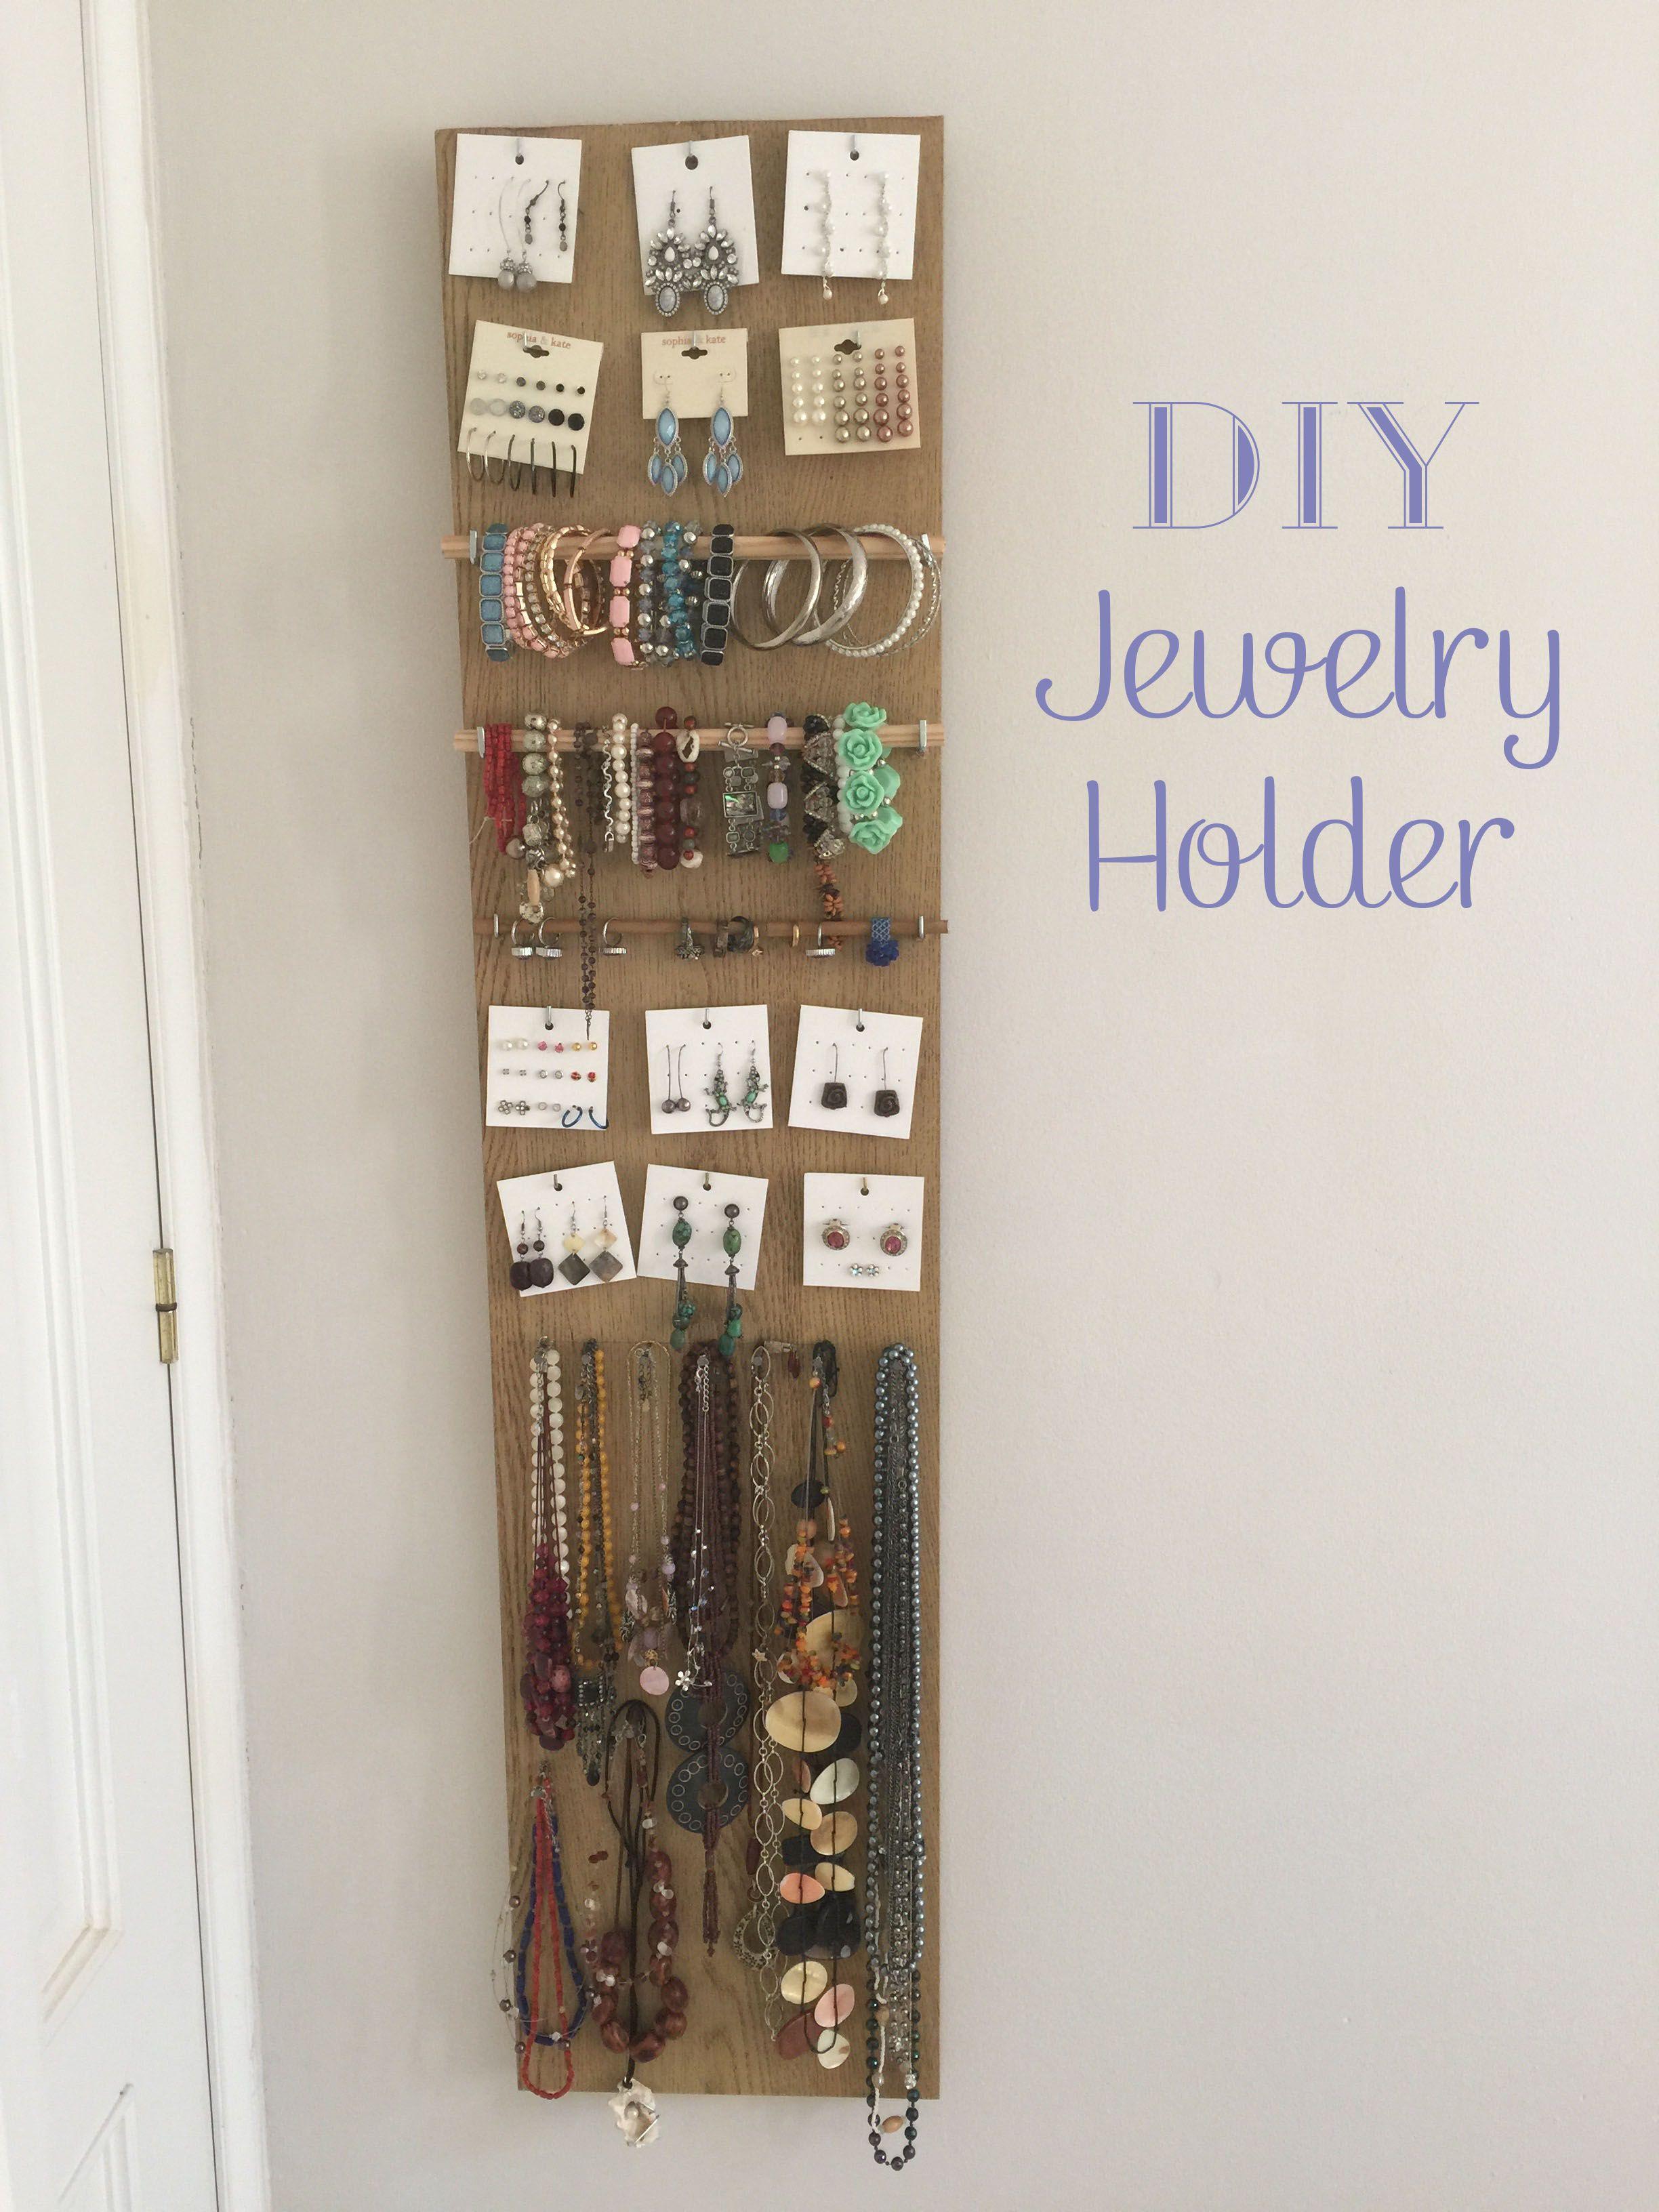 DIY Jewelry Holder | Verkaufsstand, Schmuck und Inspiration